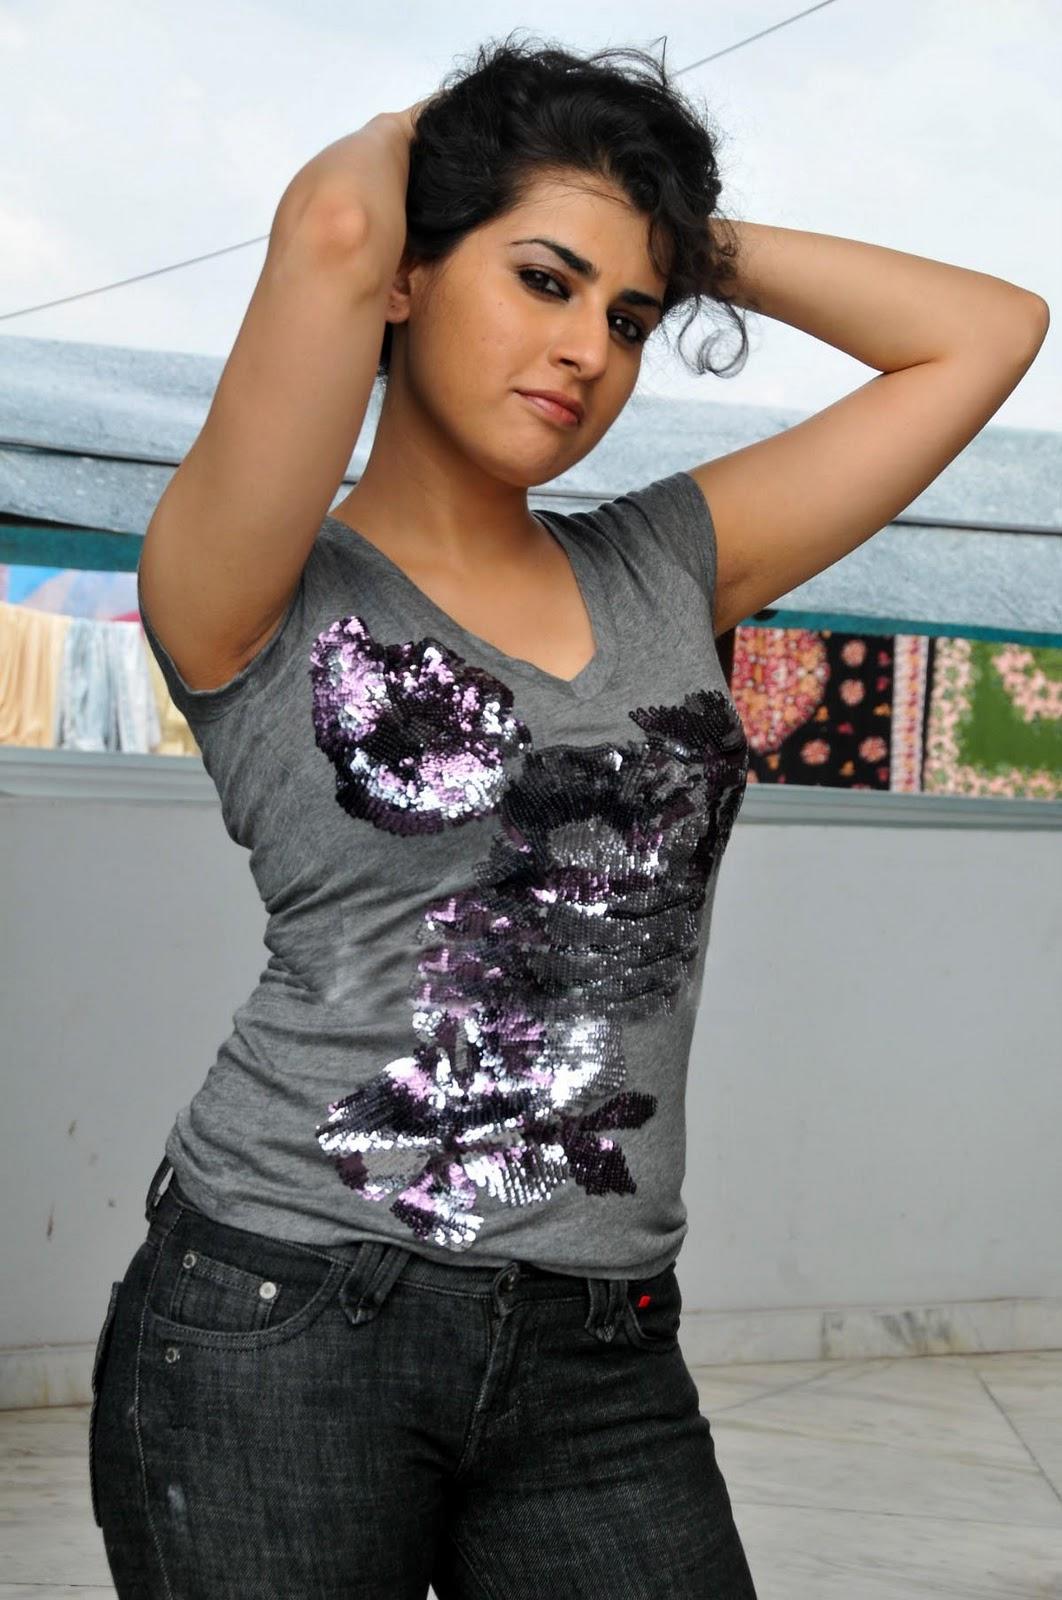 http://3.bp.blogspot.com/_fP1y4T5-DFE/TPnbsR2Zn3I/AAAAAAAAEe4/sB5SvbsousM/s1600/Archana-Veda-Hot-Photo-Shoot-8.jpg